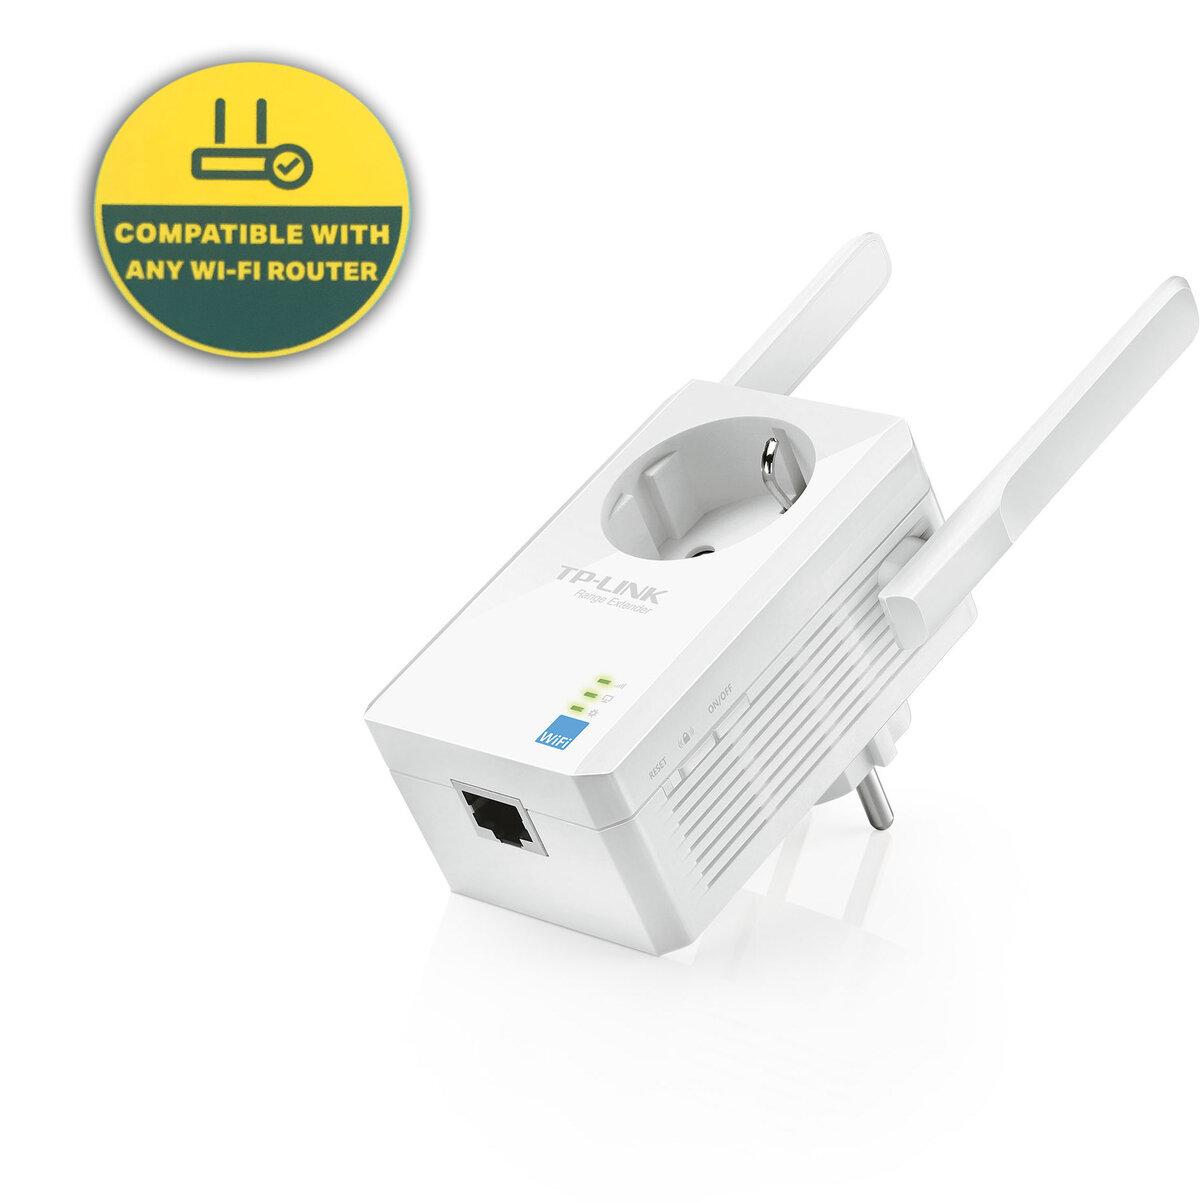 Усилитель Wi-Fi сигнала в Химках